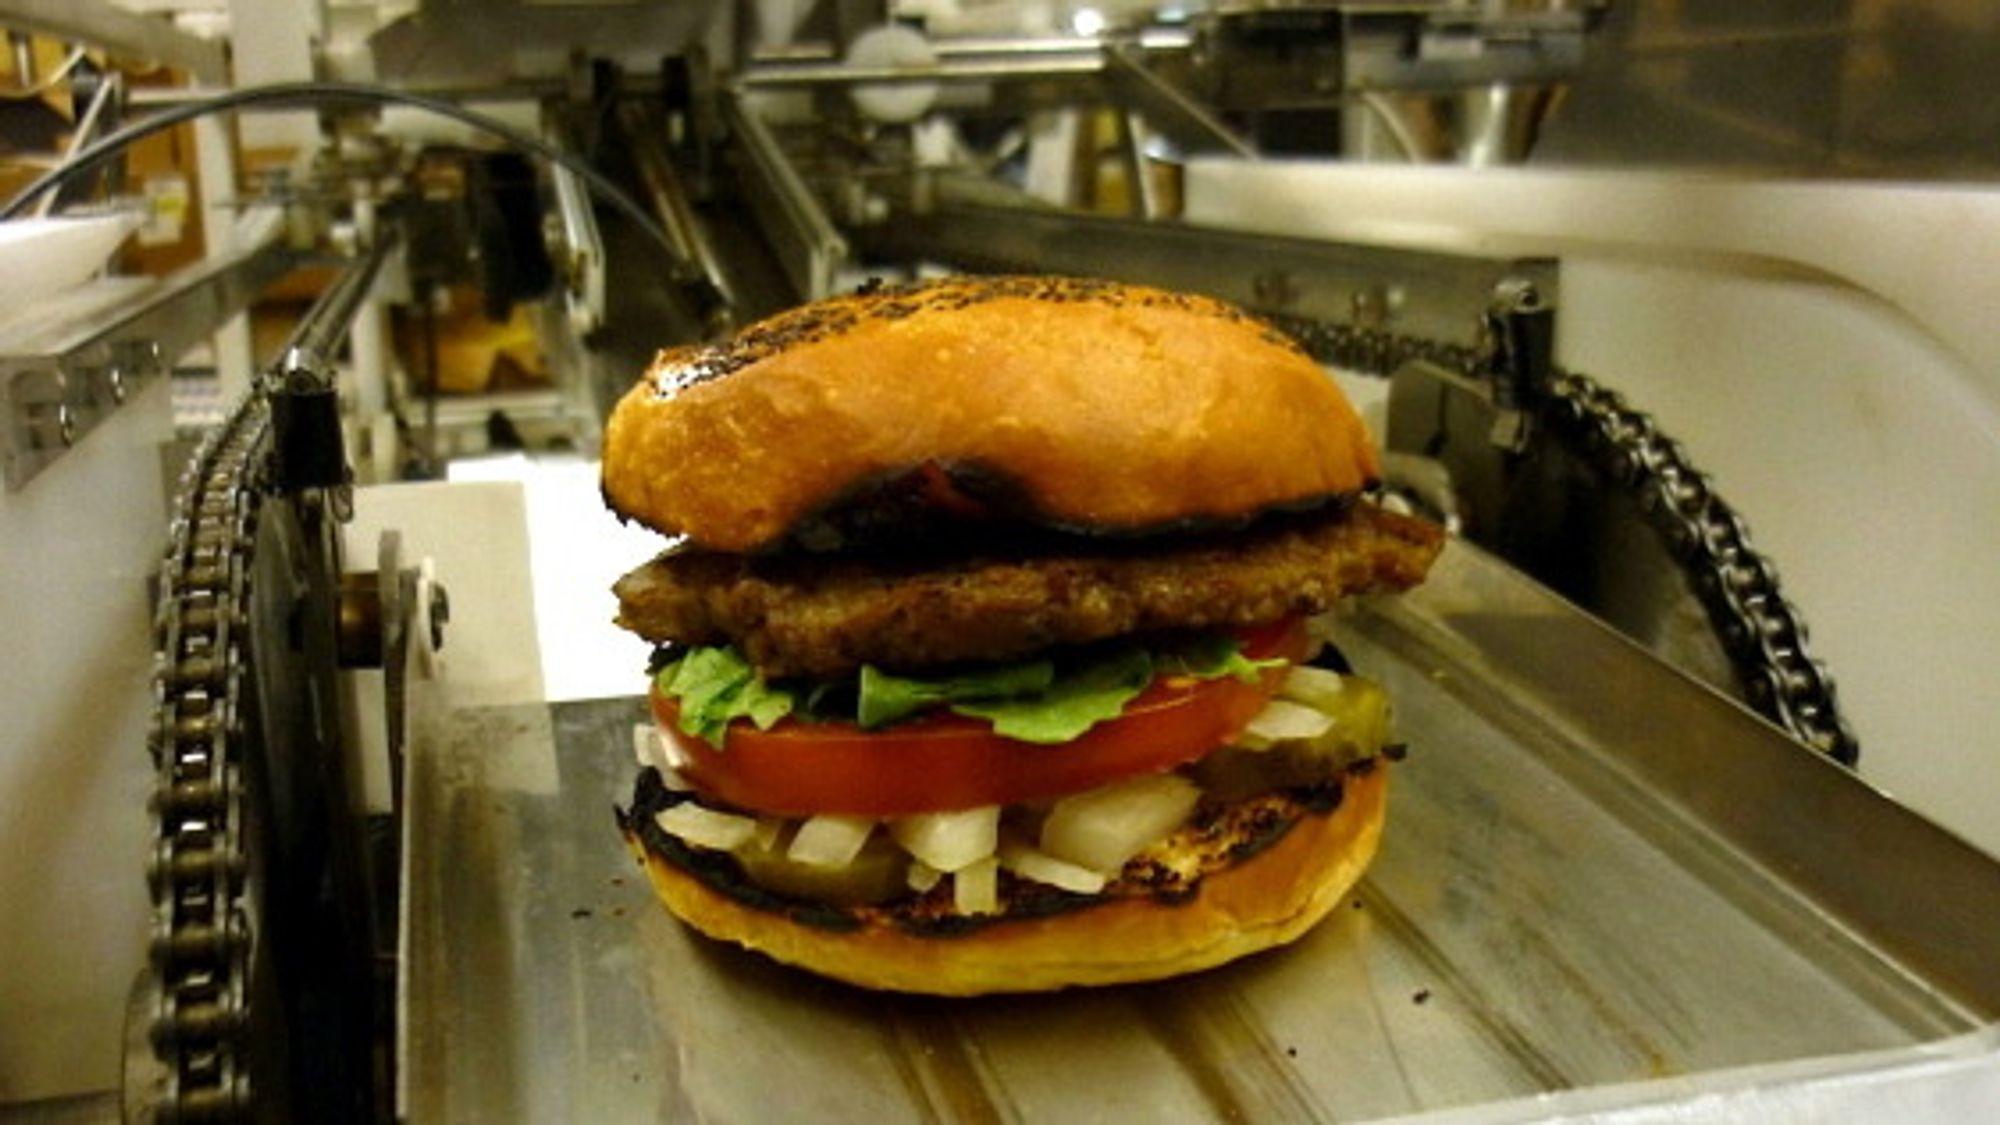 Slik ser en ferdig produkt ut etter å ha blitt konstruert i burgermaskinen. Litt svidd på kantene, men burgeren er fremdeles i prototypestadiet.